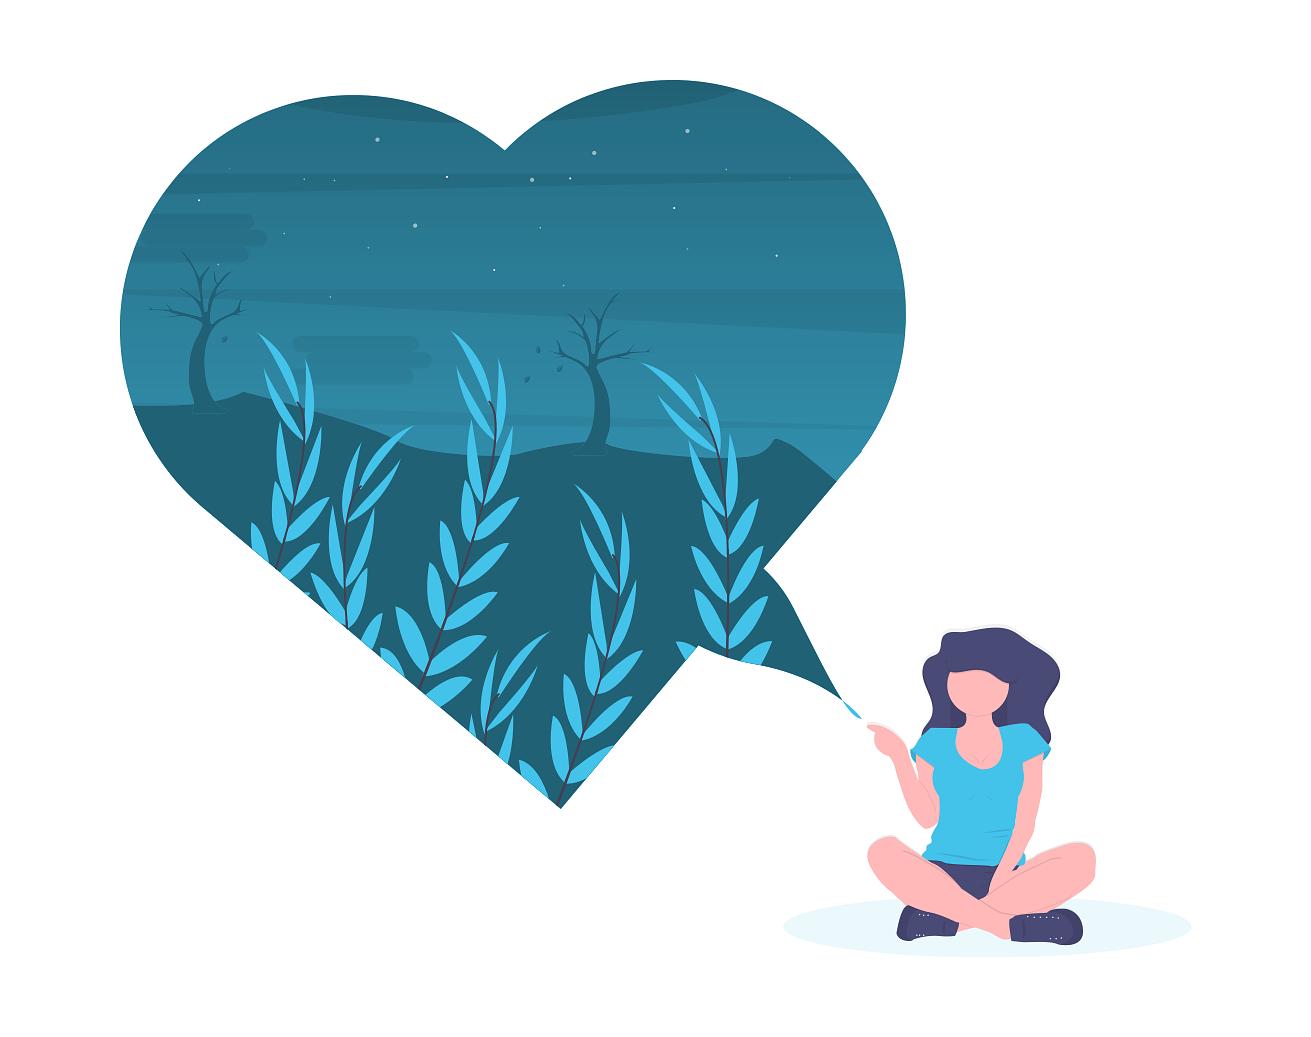 heartbroken_blue